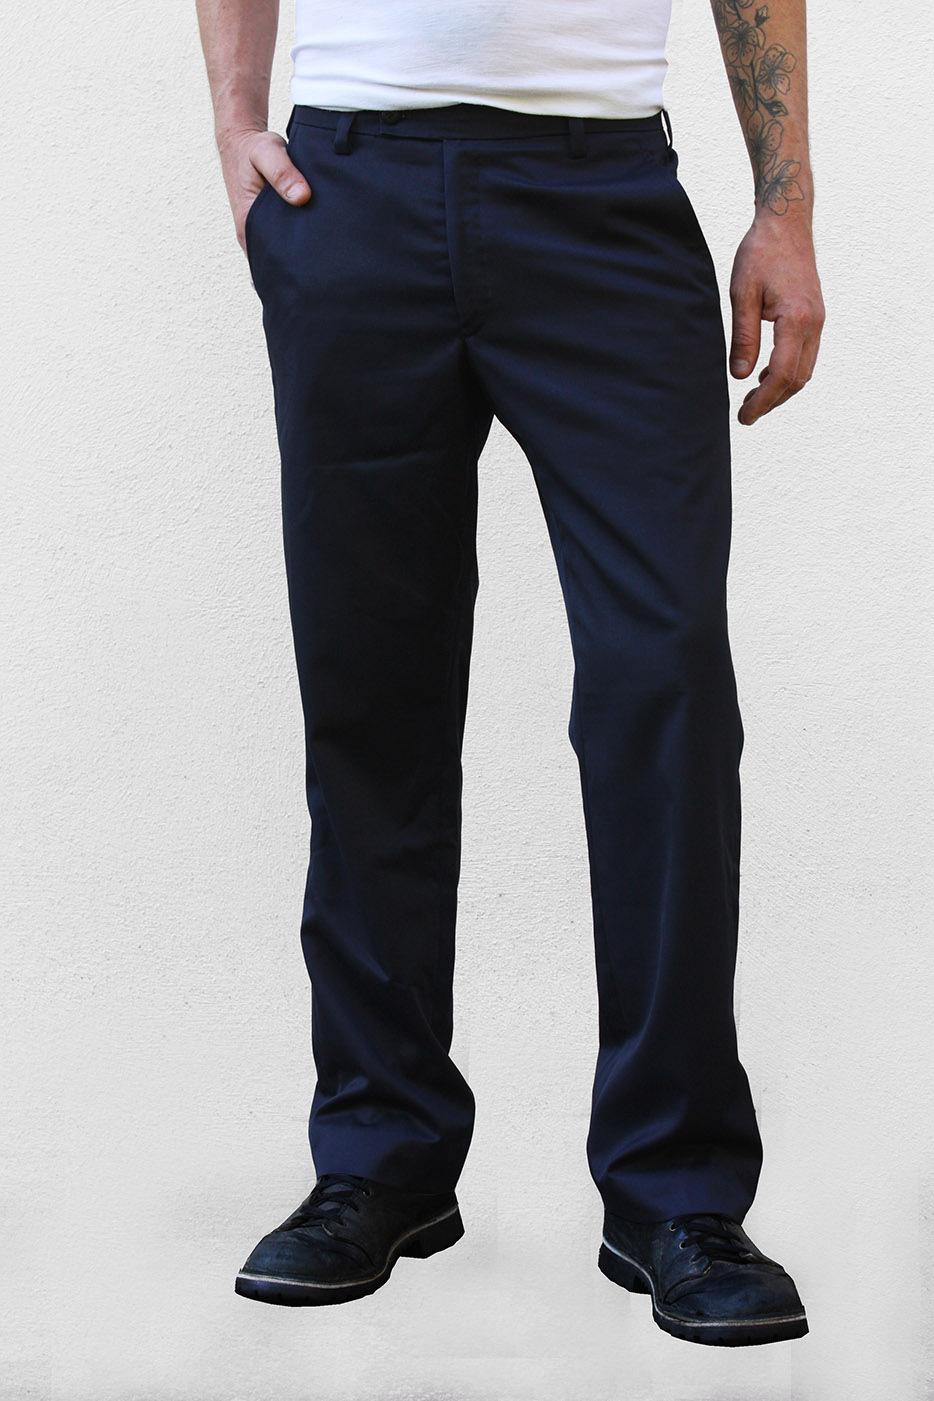 b32b1ed00564 Baïsap - Pantalon bleu marine casual - Tea Time - Pantalon de costume,  fluide, ...